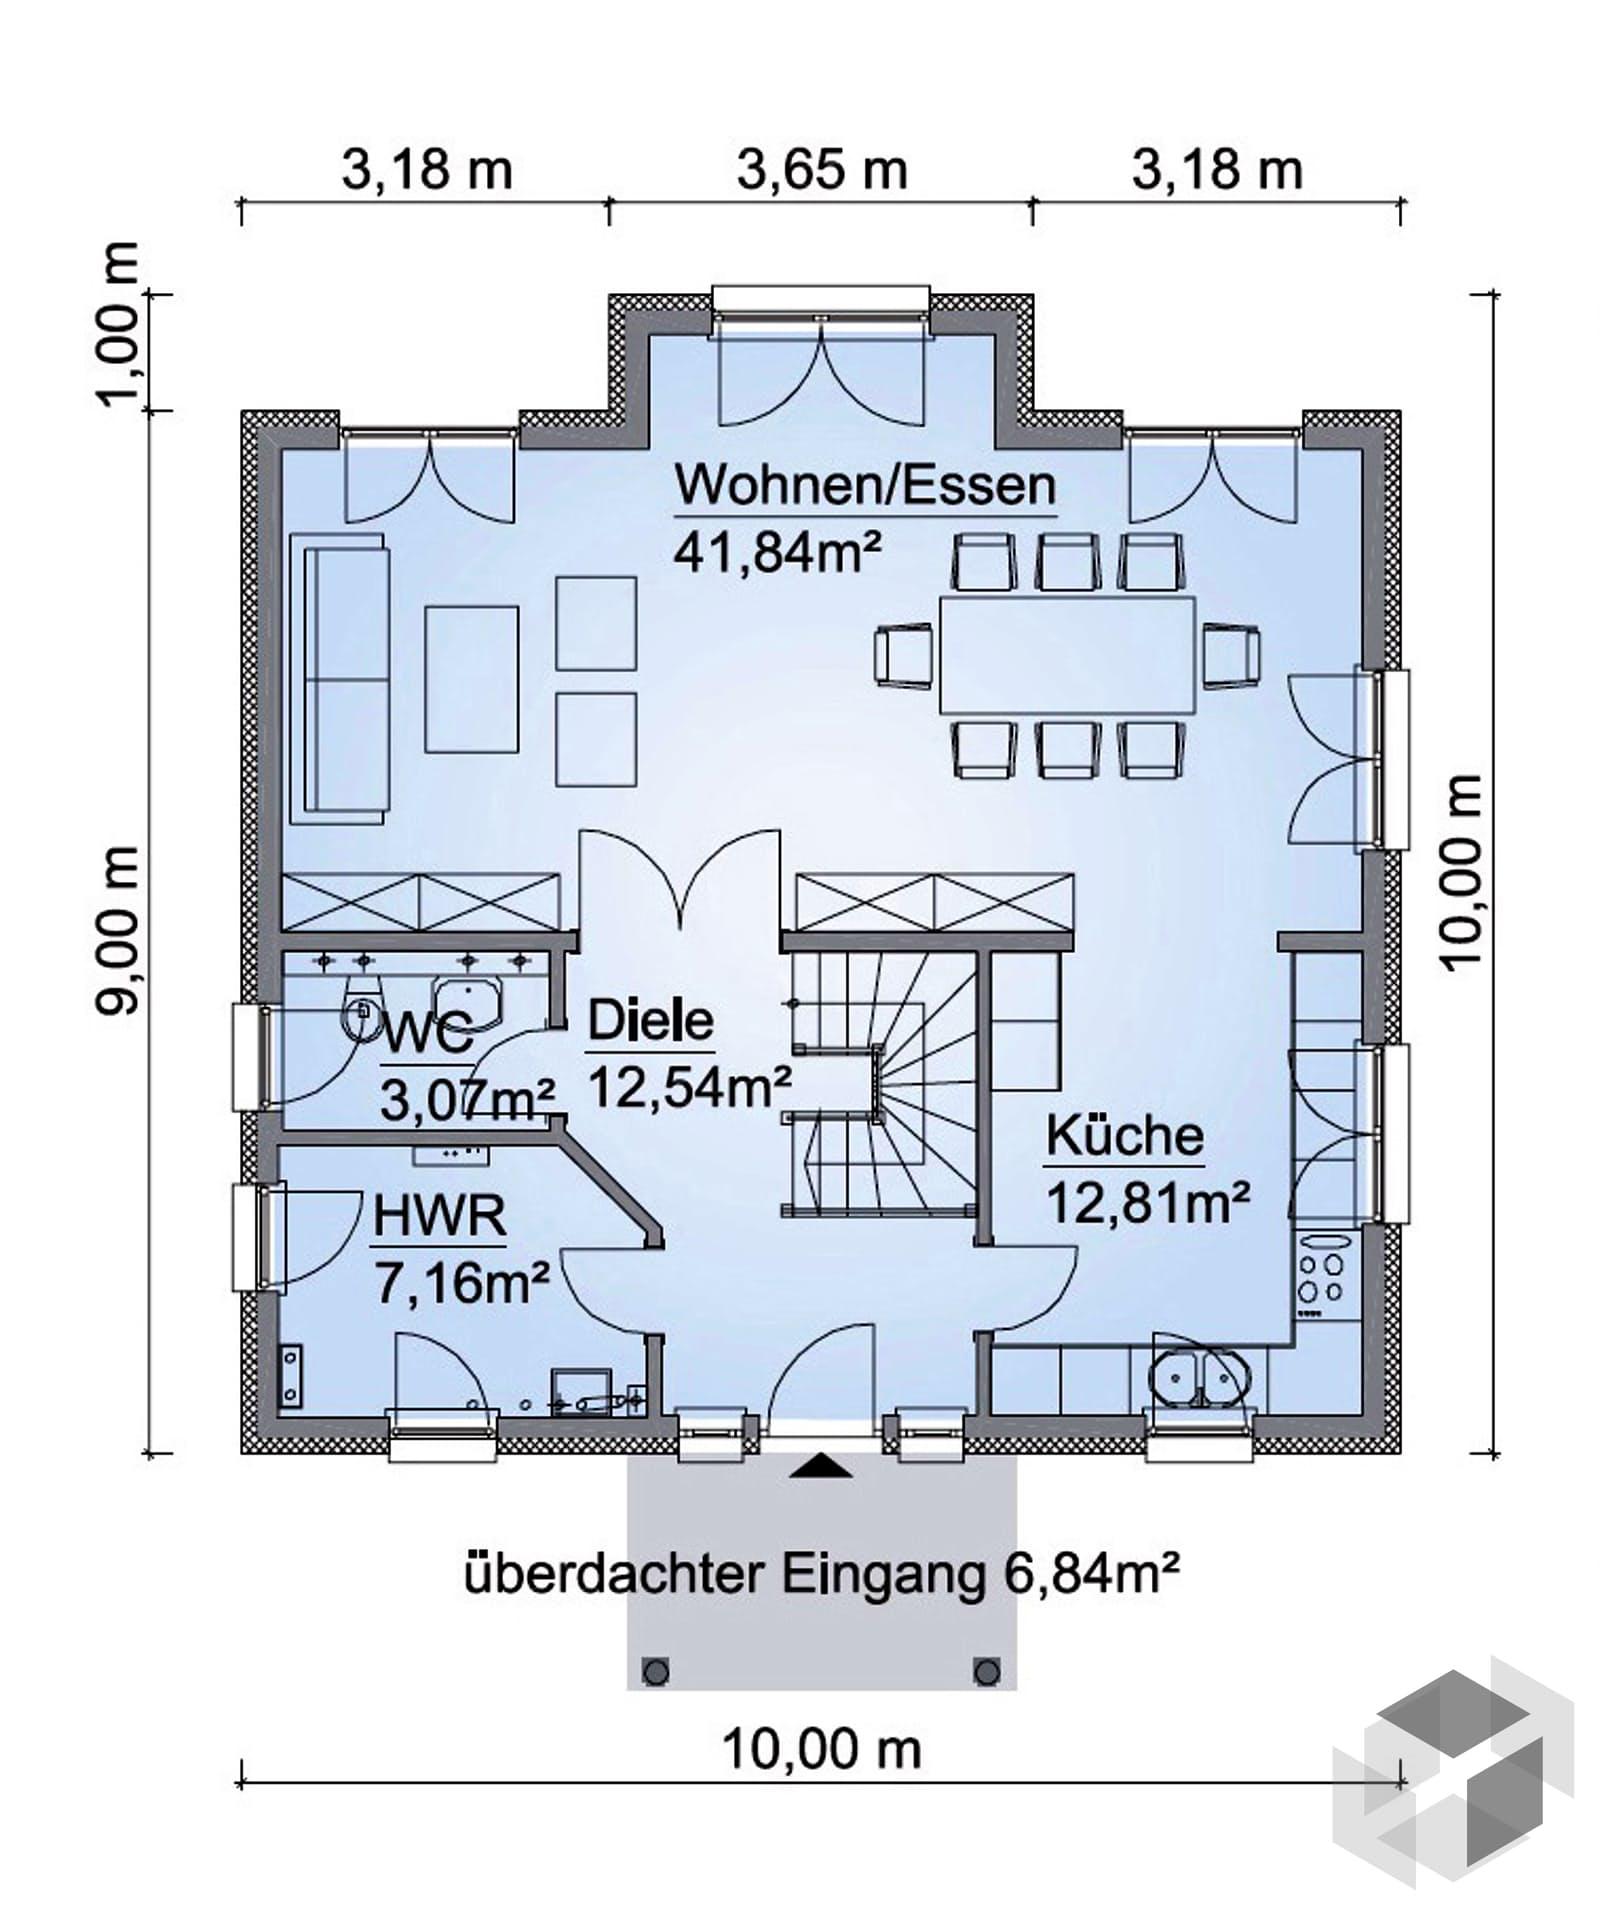 sh 160 s von scanhaus marlow komplette daten bersicht. Black Bedroom Furniture Sets. Home Design Ideas